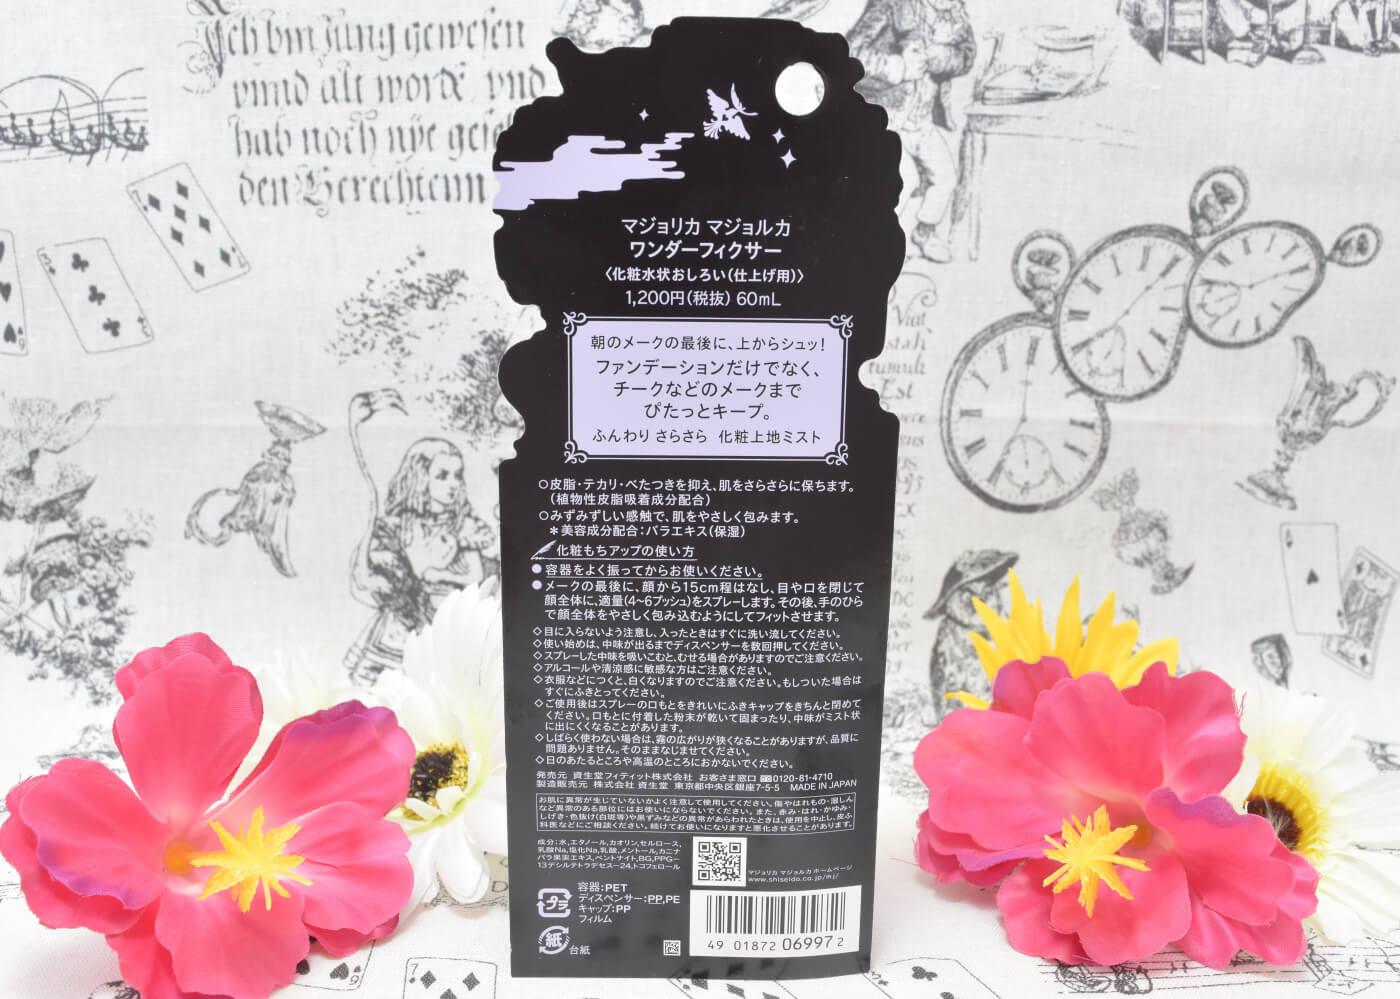 マジョリカマジョルカ/ワンダーフィクサー(化粧水状おしろい)のパッケージ裏面